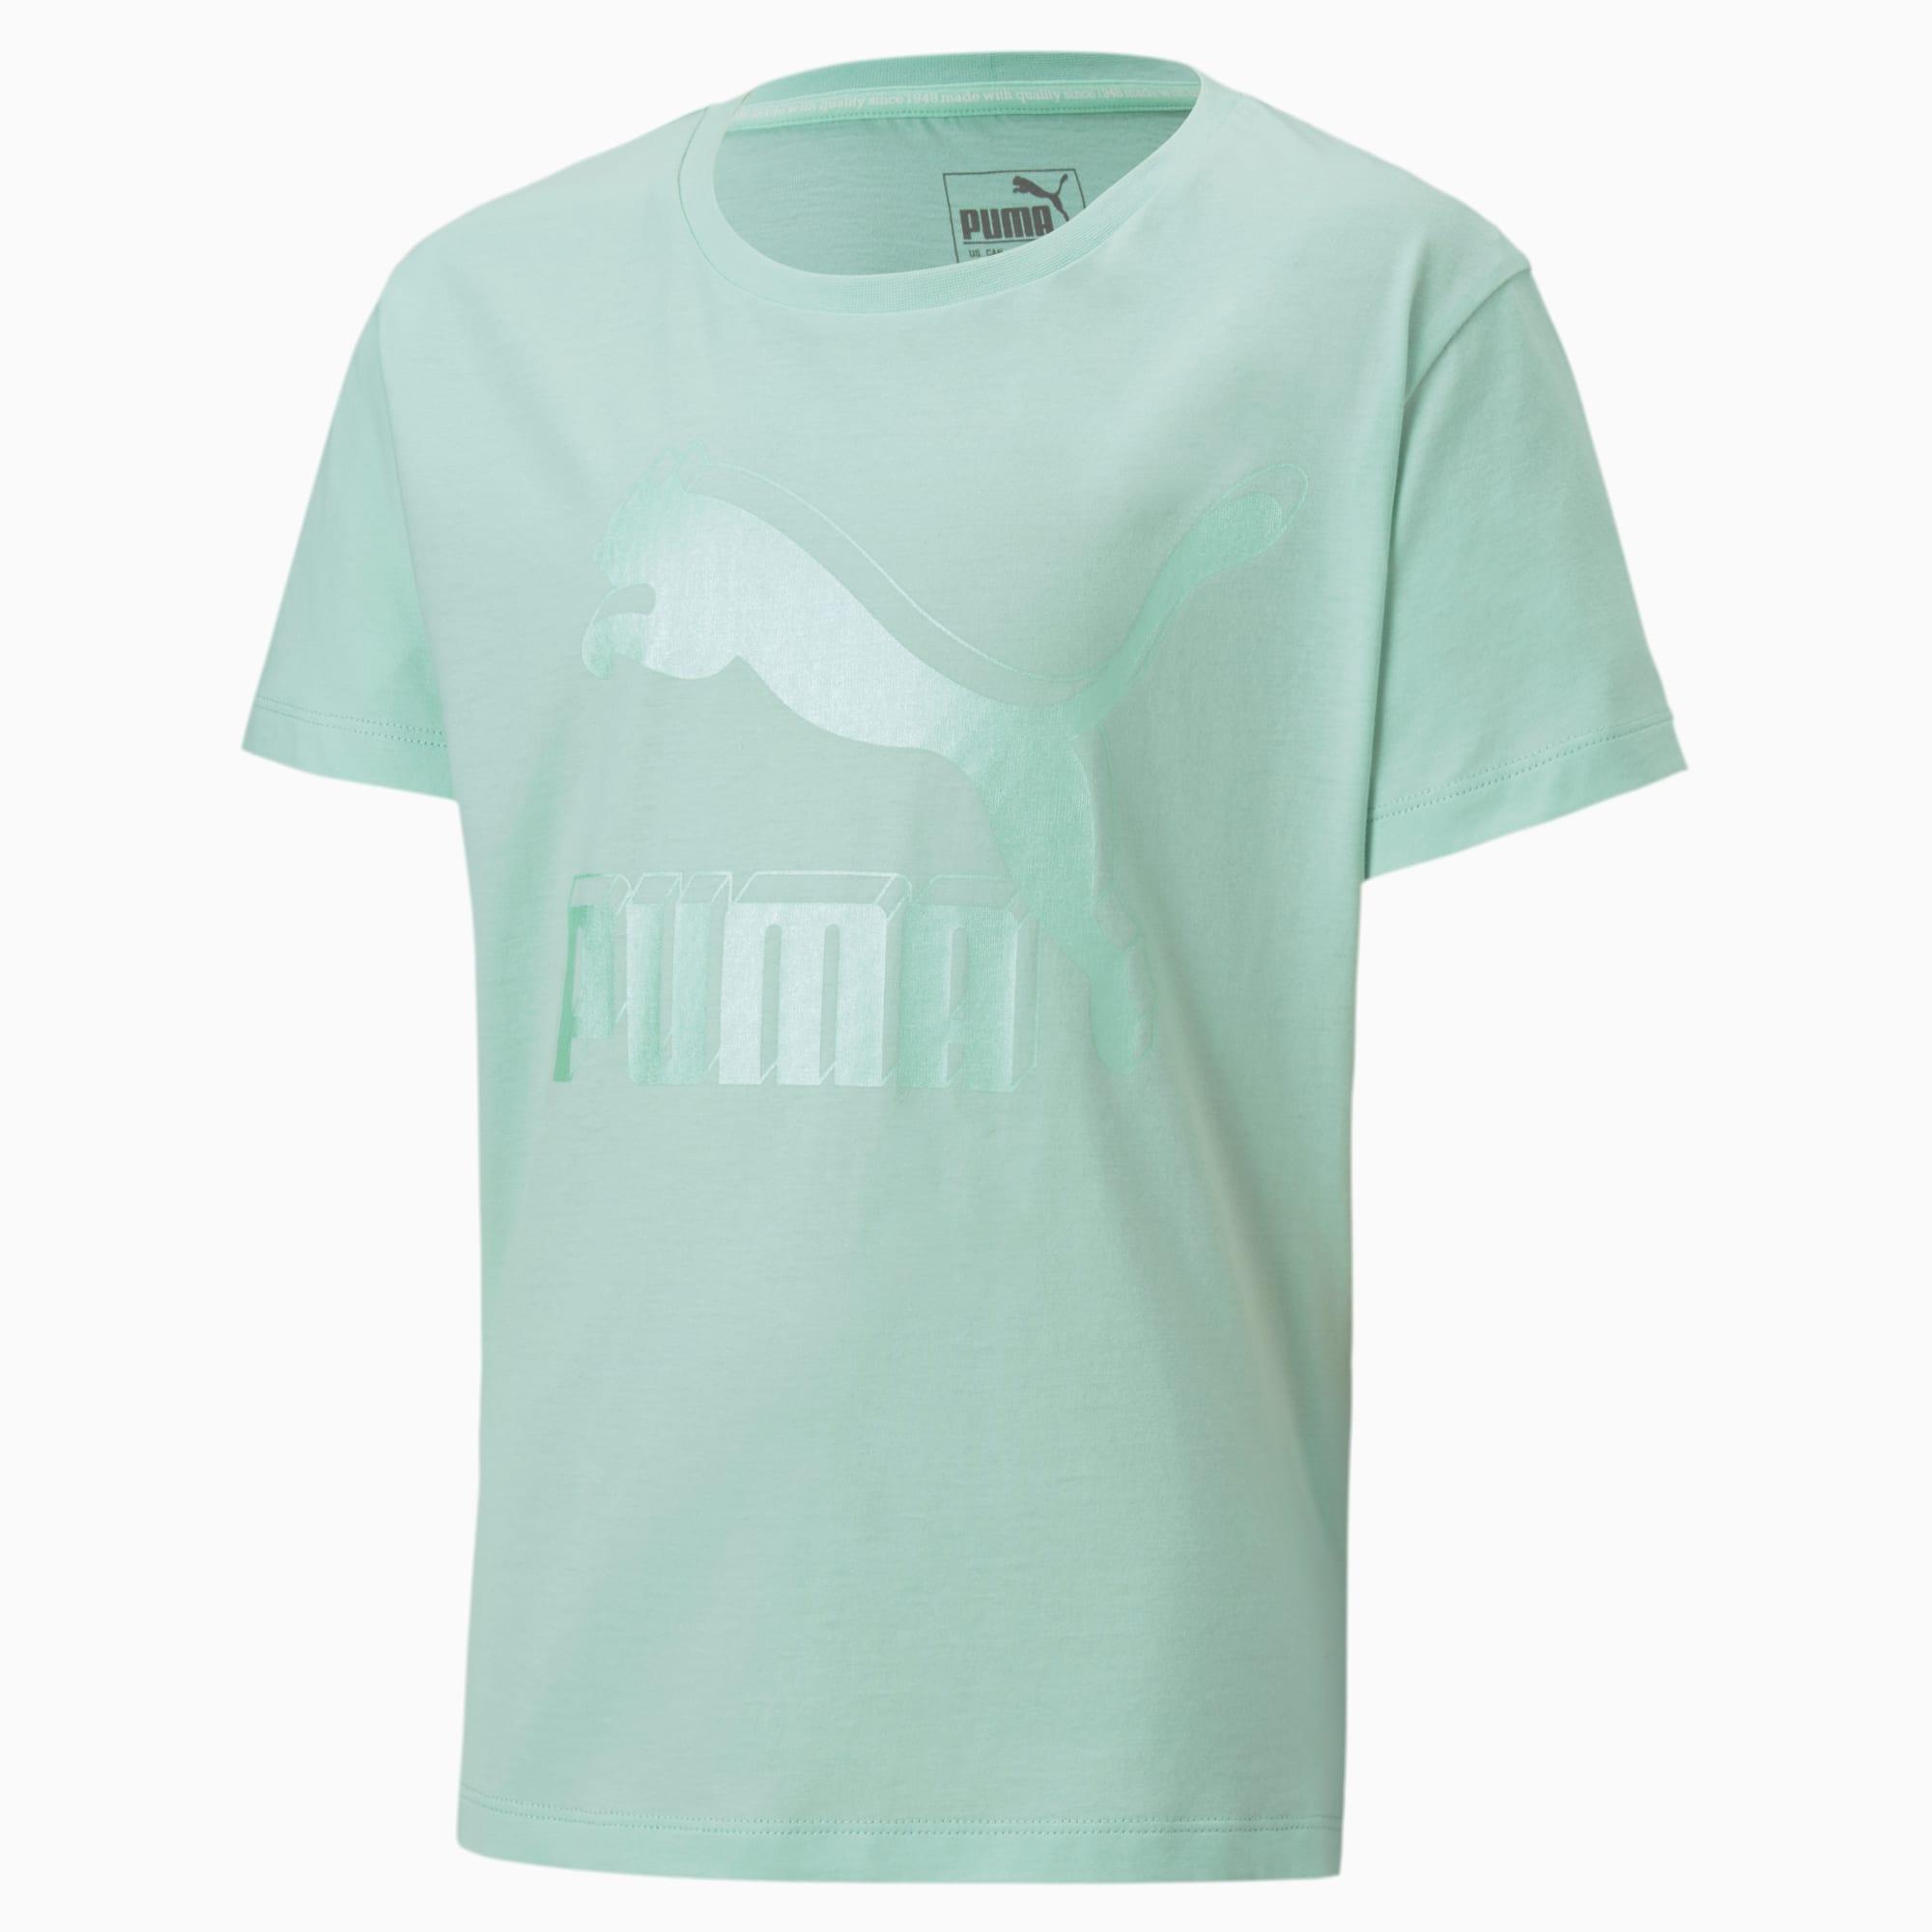 PUMA T-Shirt Classics Graphic pour fille, Vert, Taille 152, Vêtements